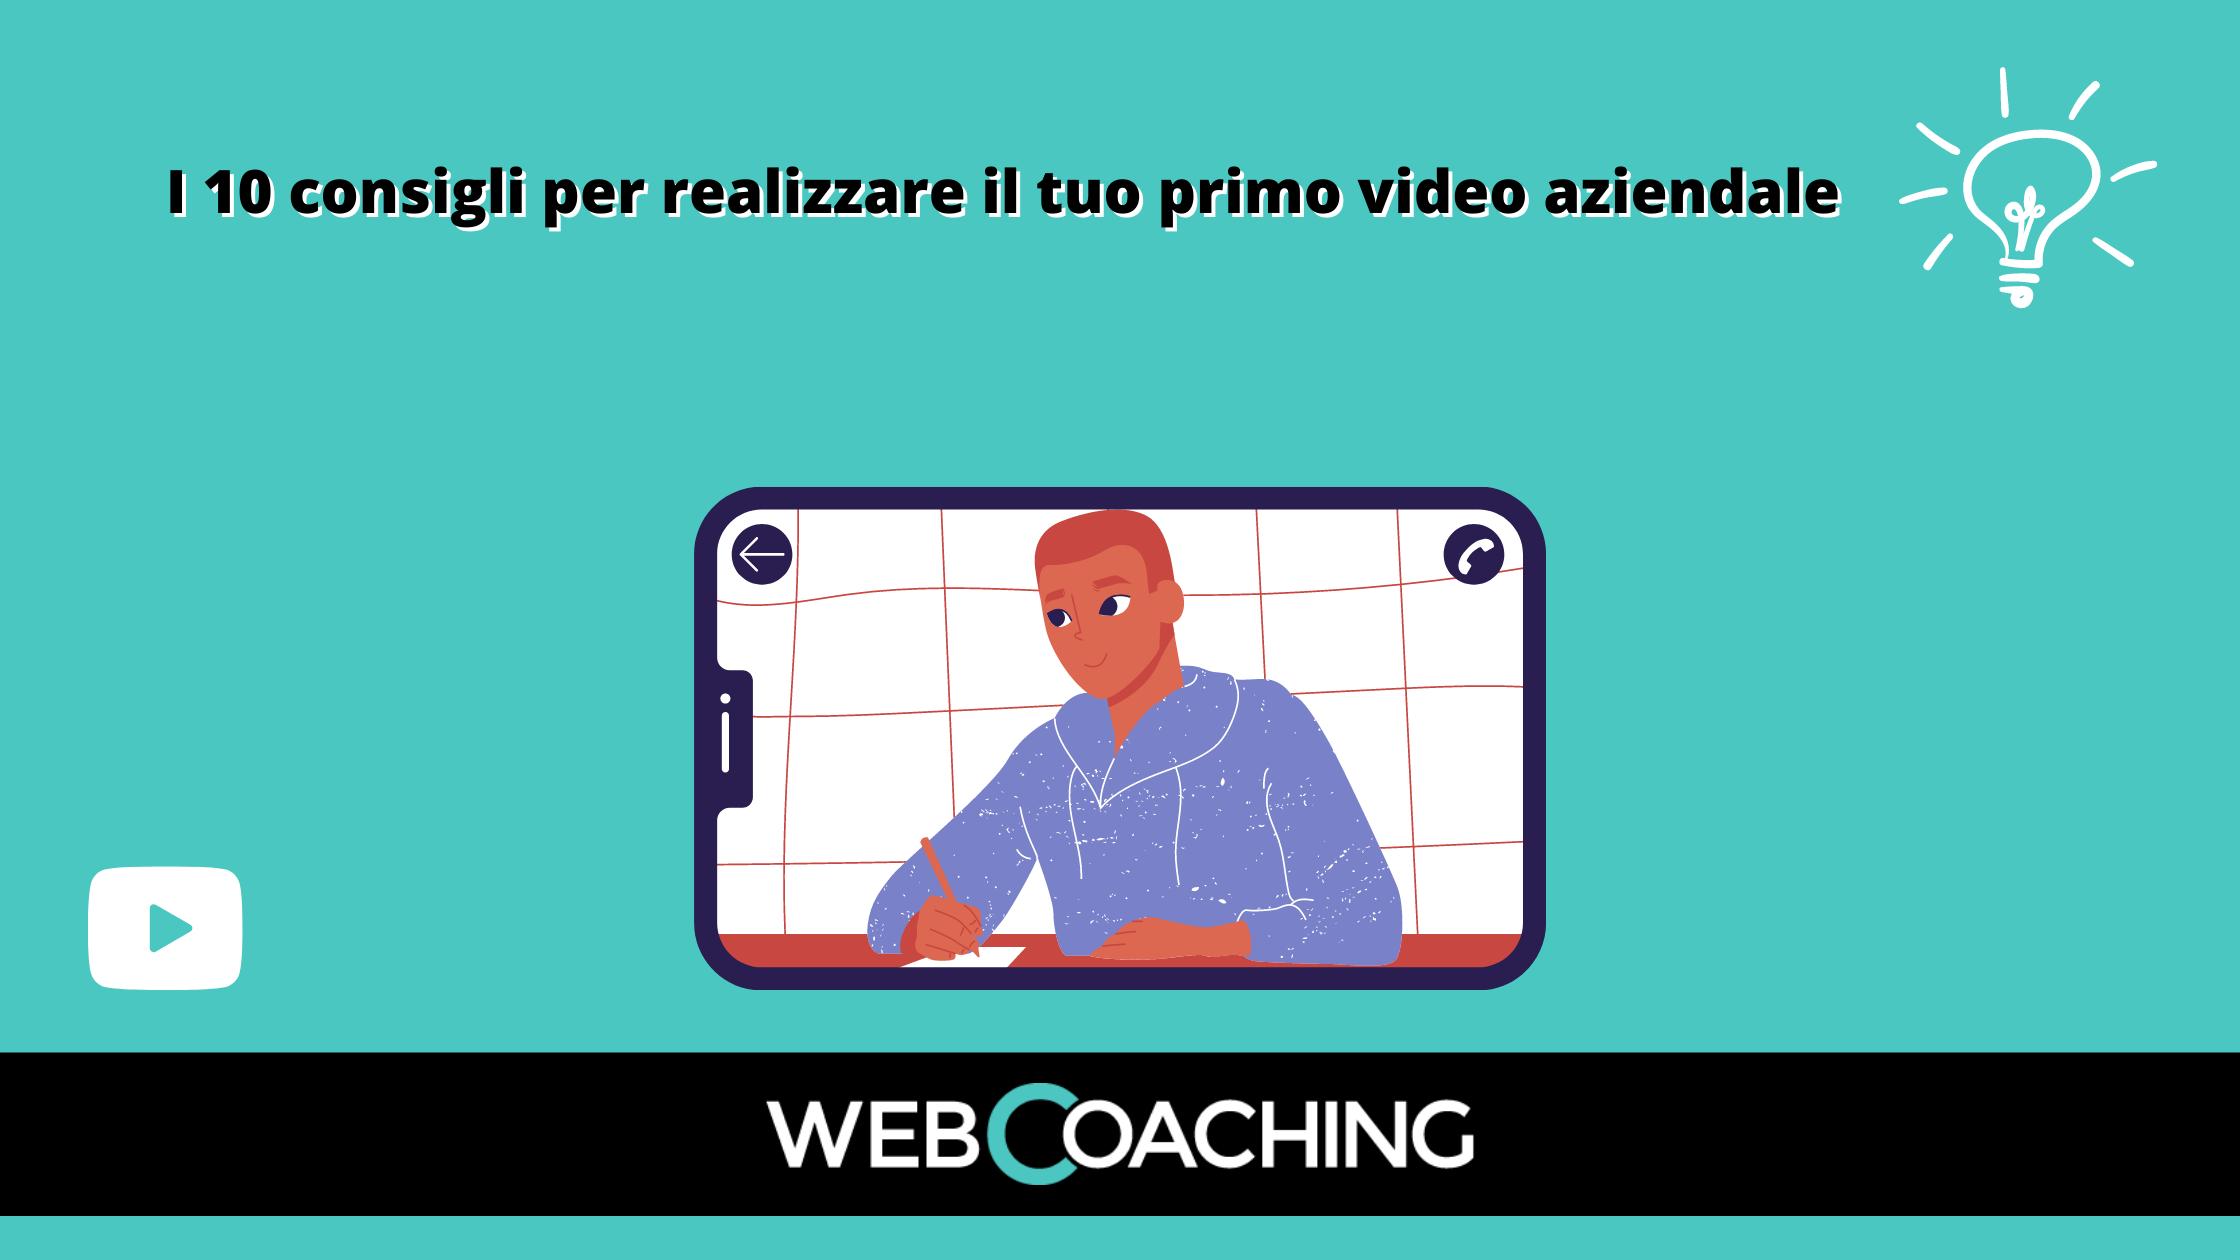 10 consigli video aziendale